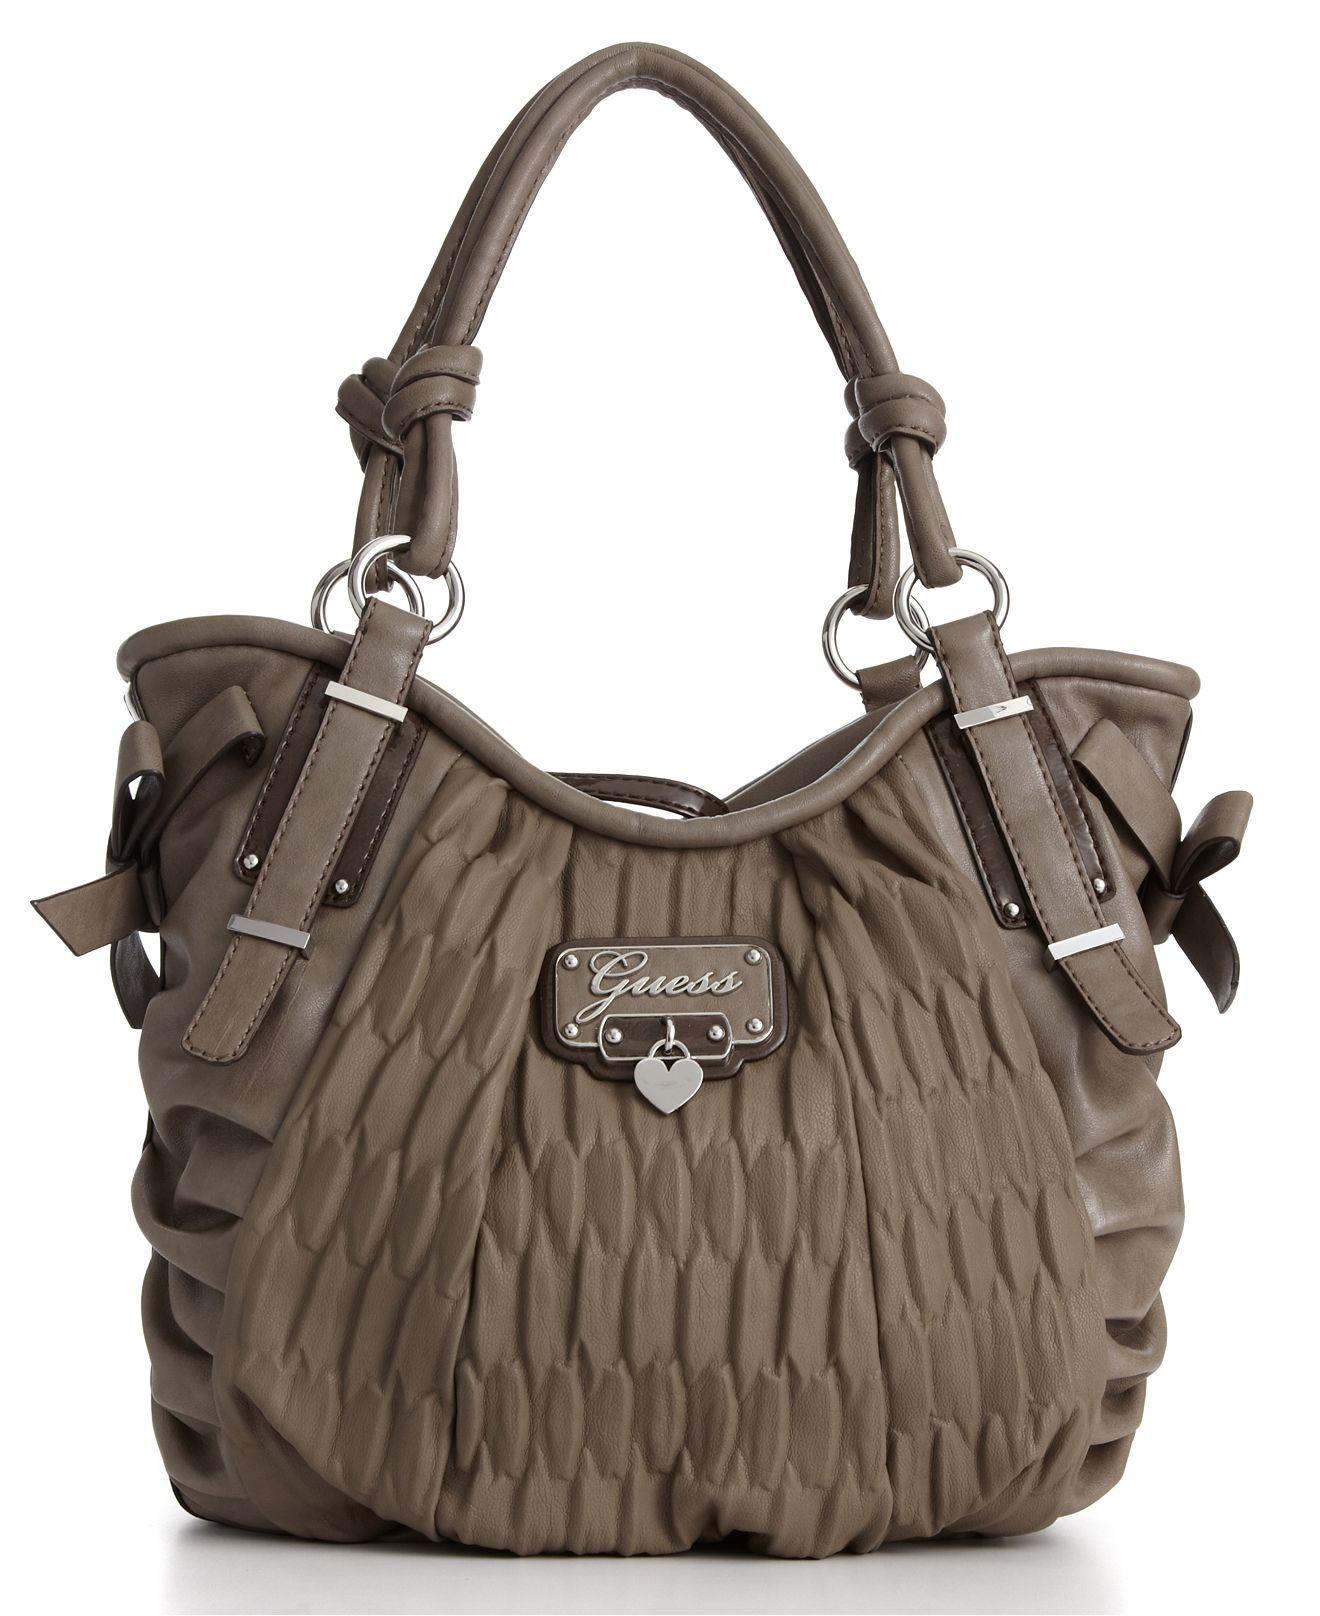 Cute guess handbag perfect for travel if it has a zipper bolsas bolsos cartera bolsos y moda - Carteras juveniles ...